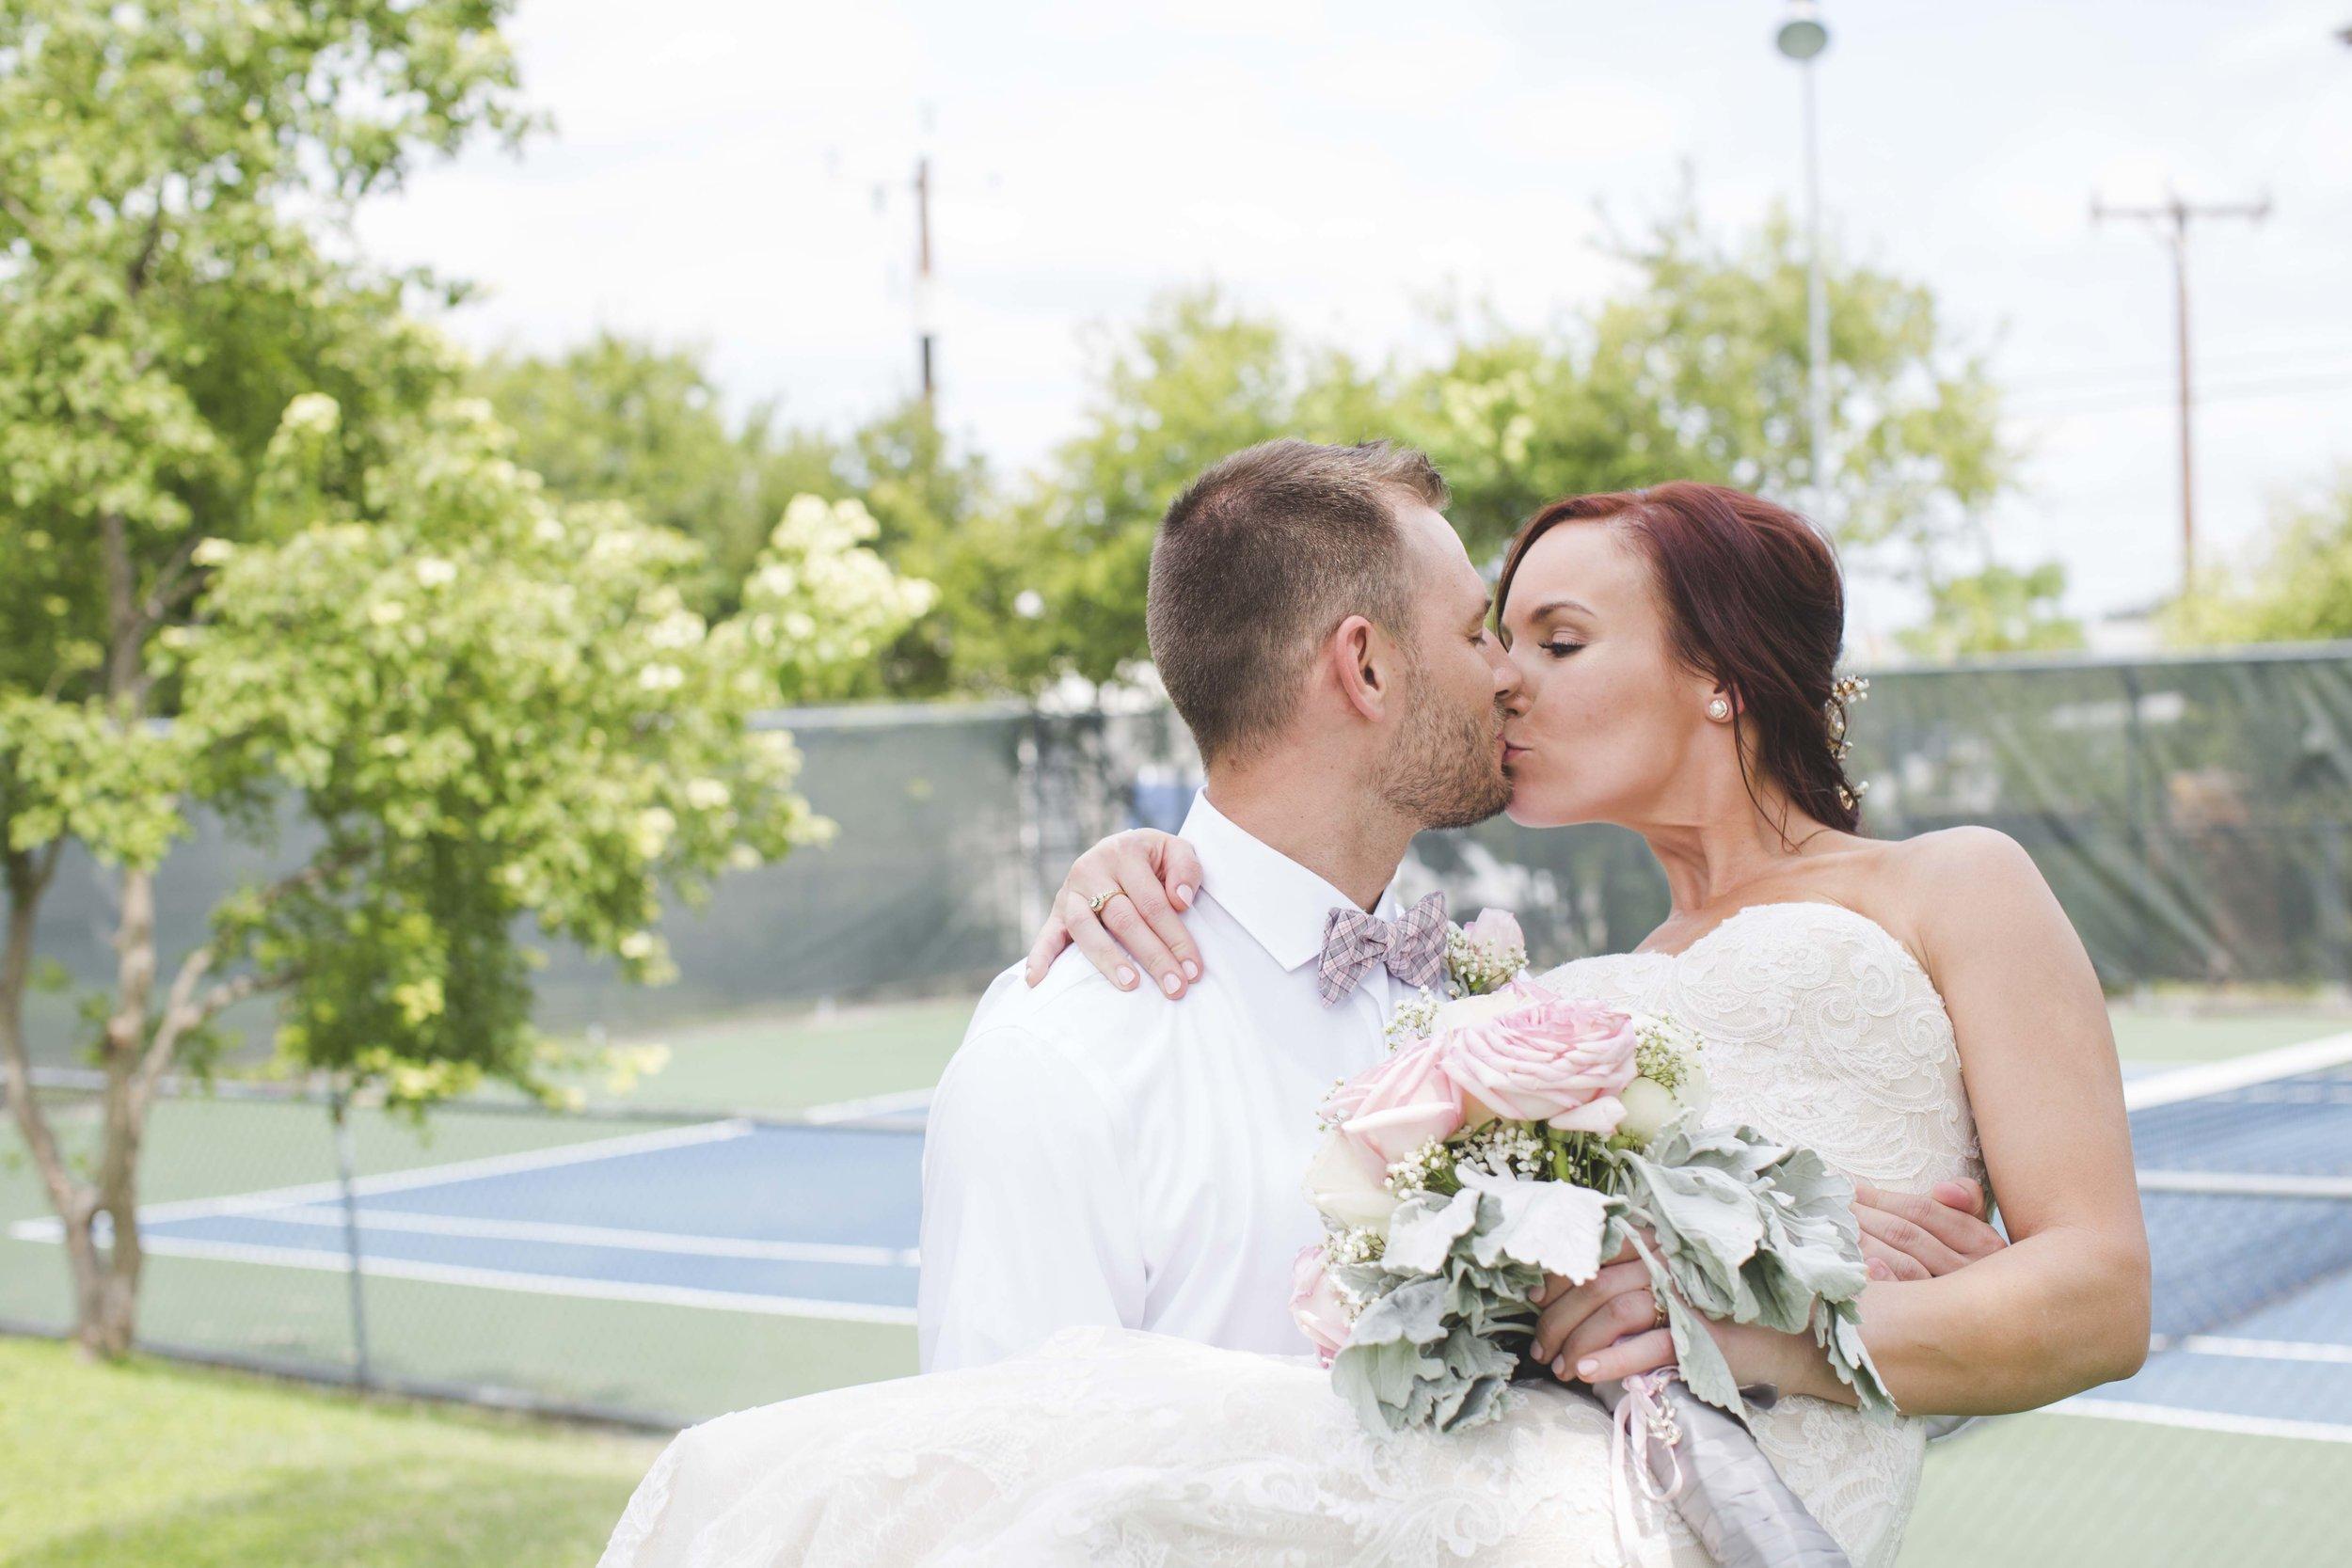 ATGI_Susanna & Matt Wedding_717A8334.jpg